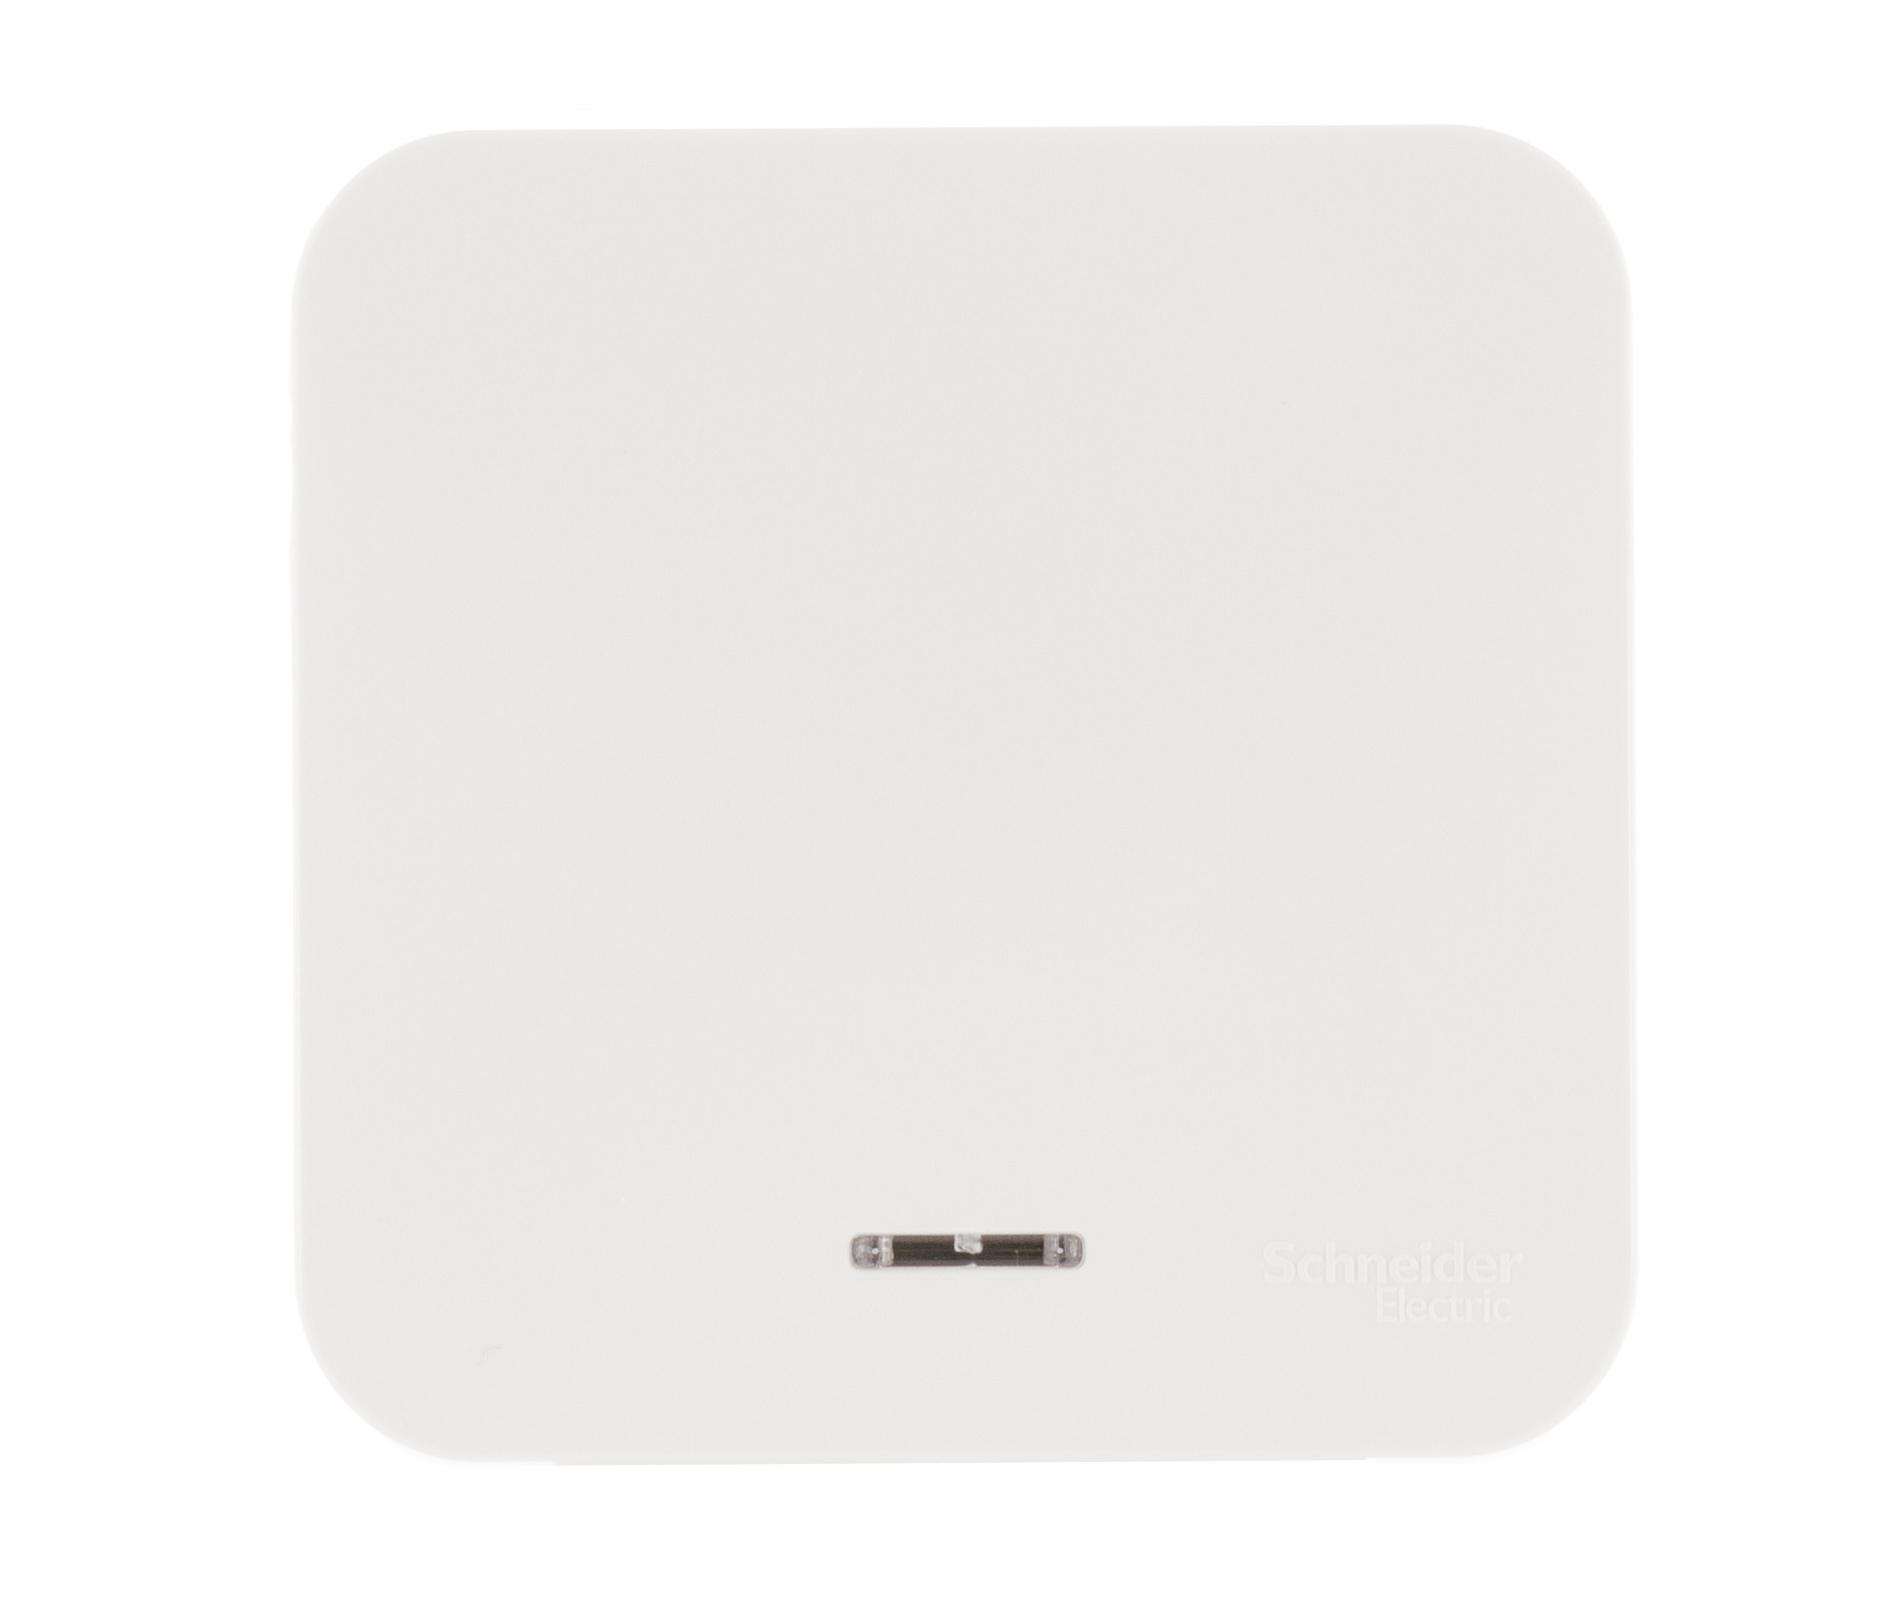 Выключатель Schneider electric Blnva101112 blanca выключатель schneider electric blnva101013 blanca